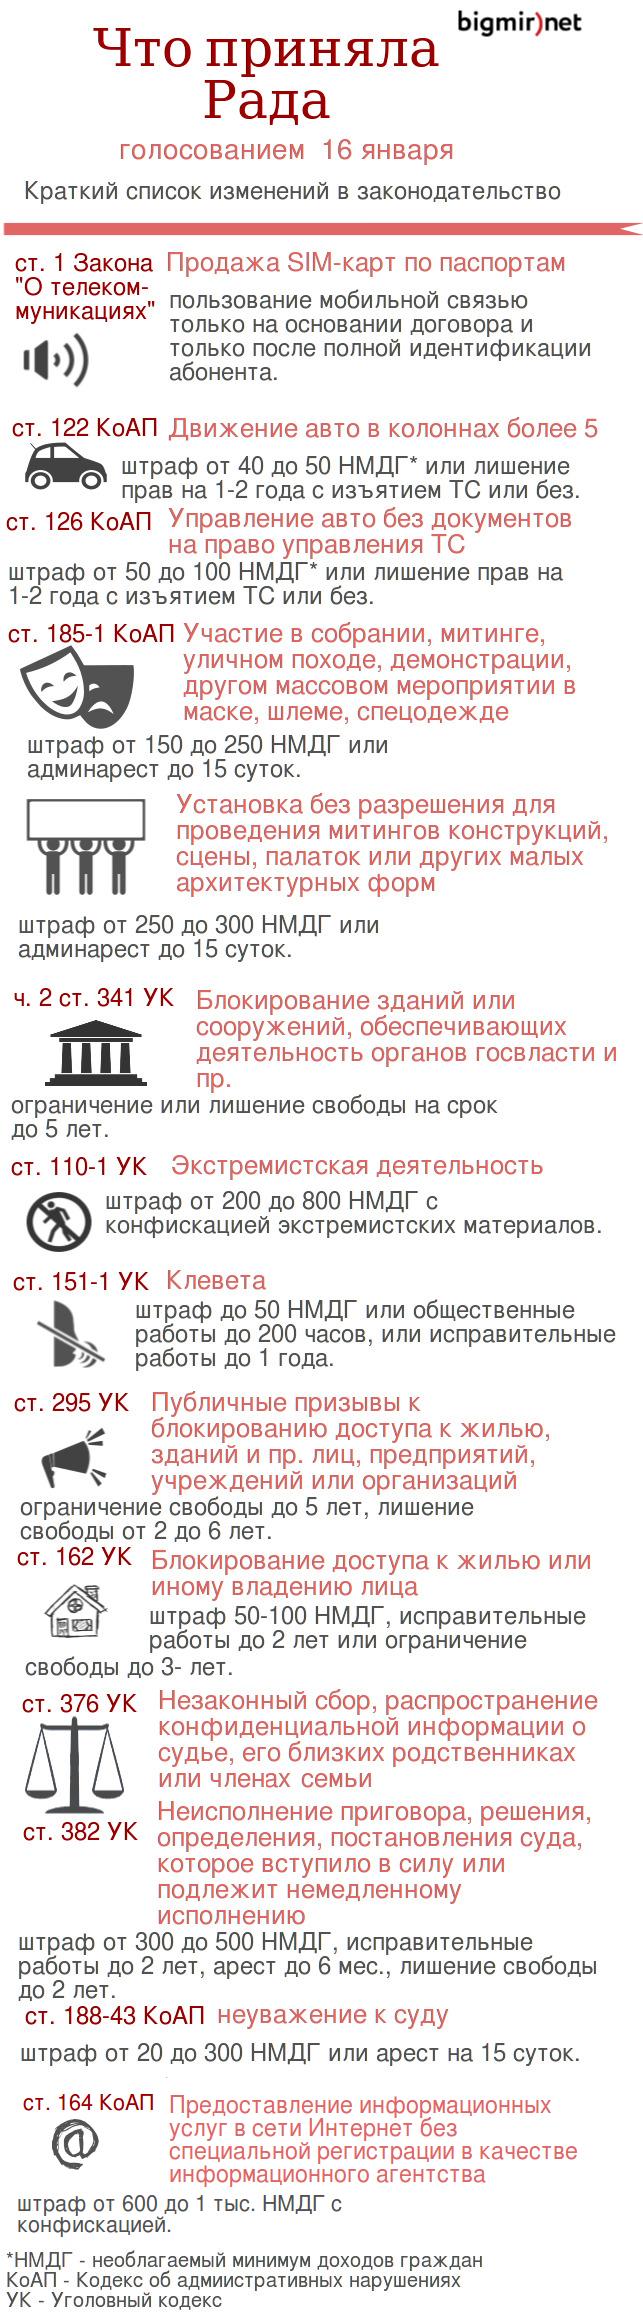 Изменения в законы, принятые 16 января.